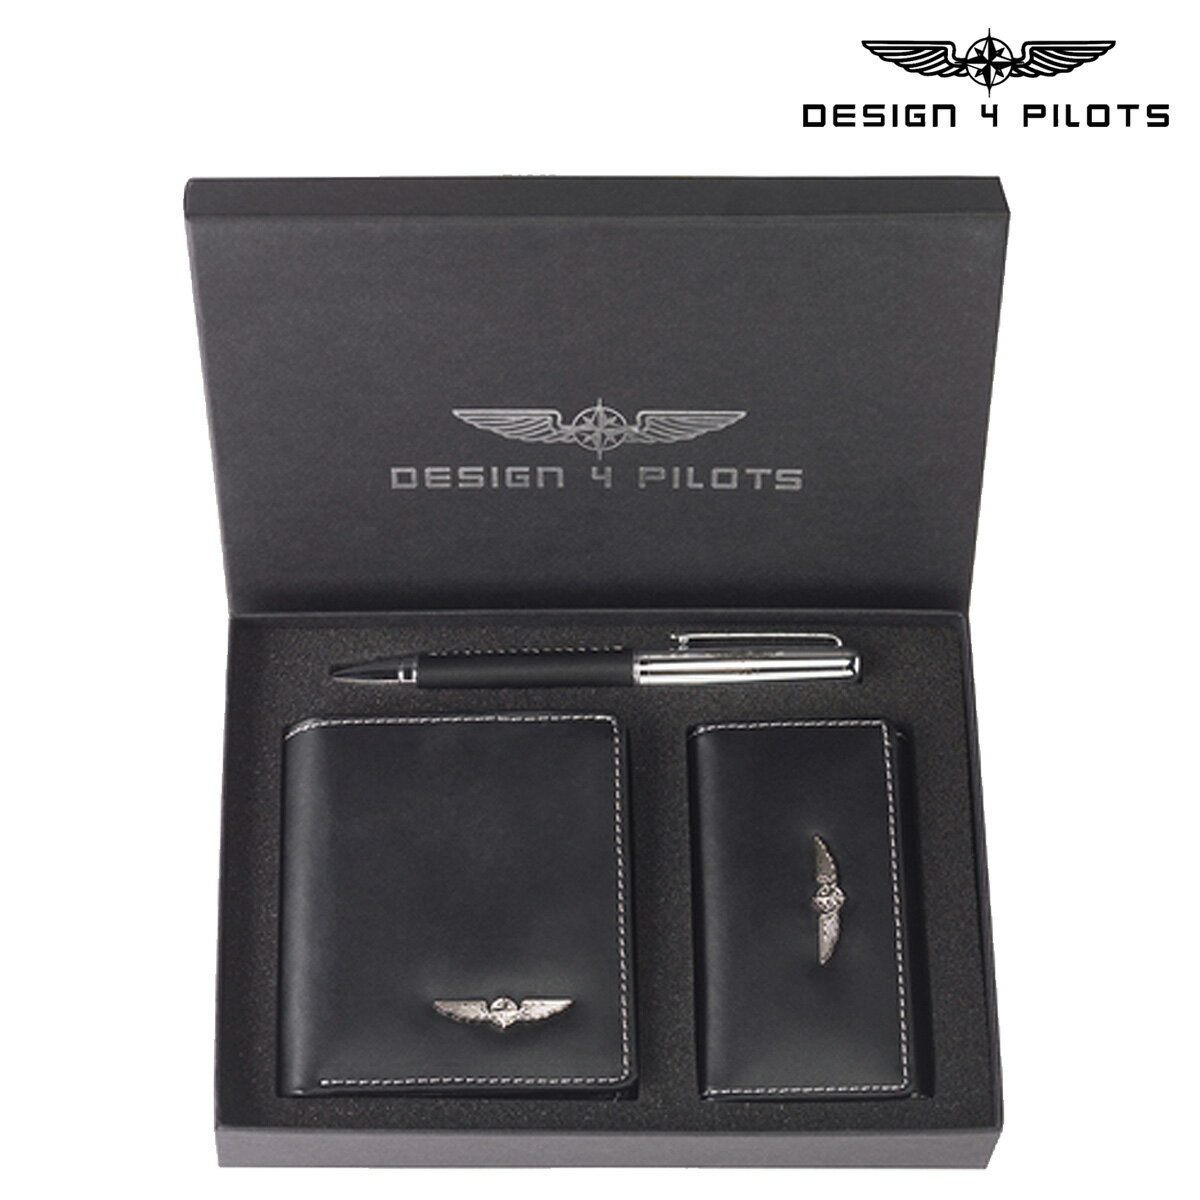 セレクト DESIGN 4 PILOTS デザイン4パイロッツ  二つ折り財布 キーケース ペン 3点セット  ブラック PILOT WALLET SET 飛行機 パイロットグッズ  メンズ